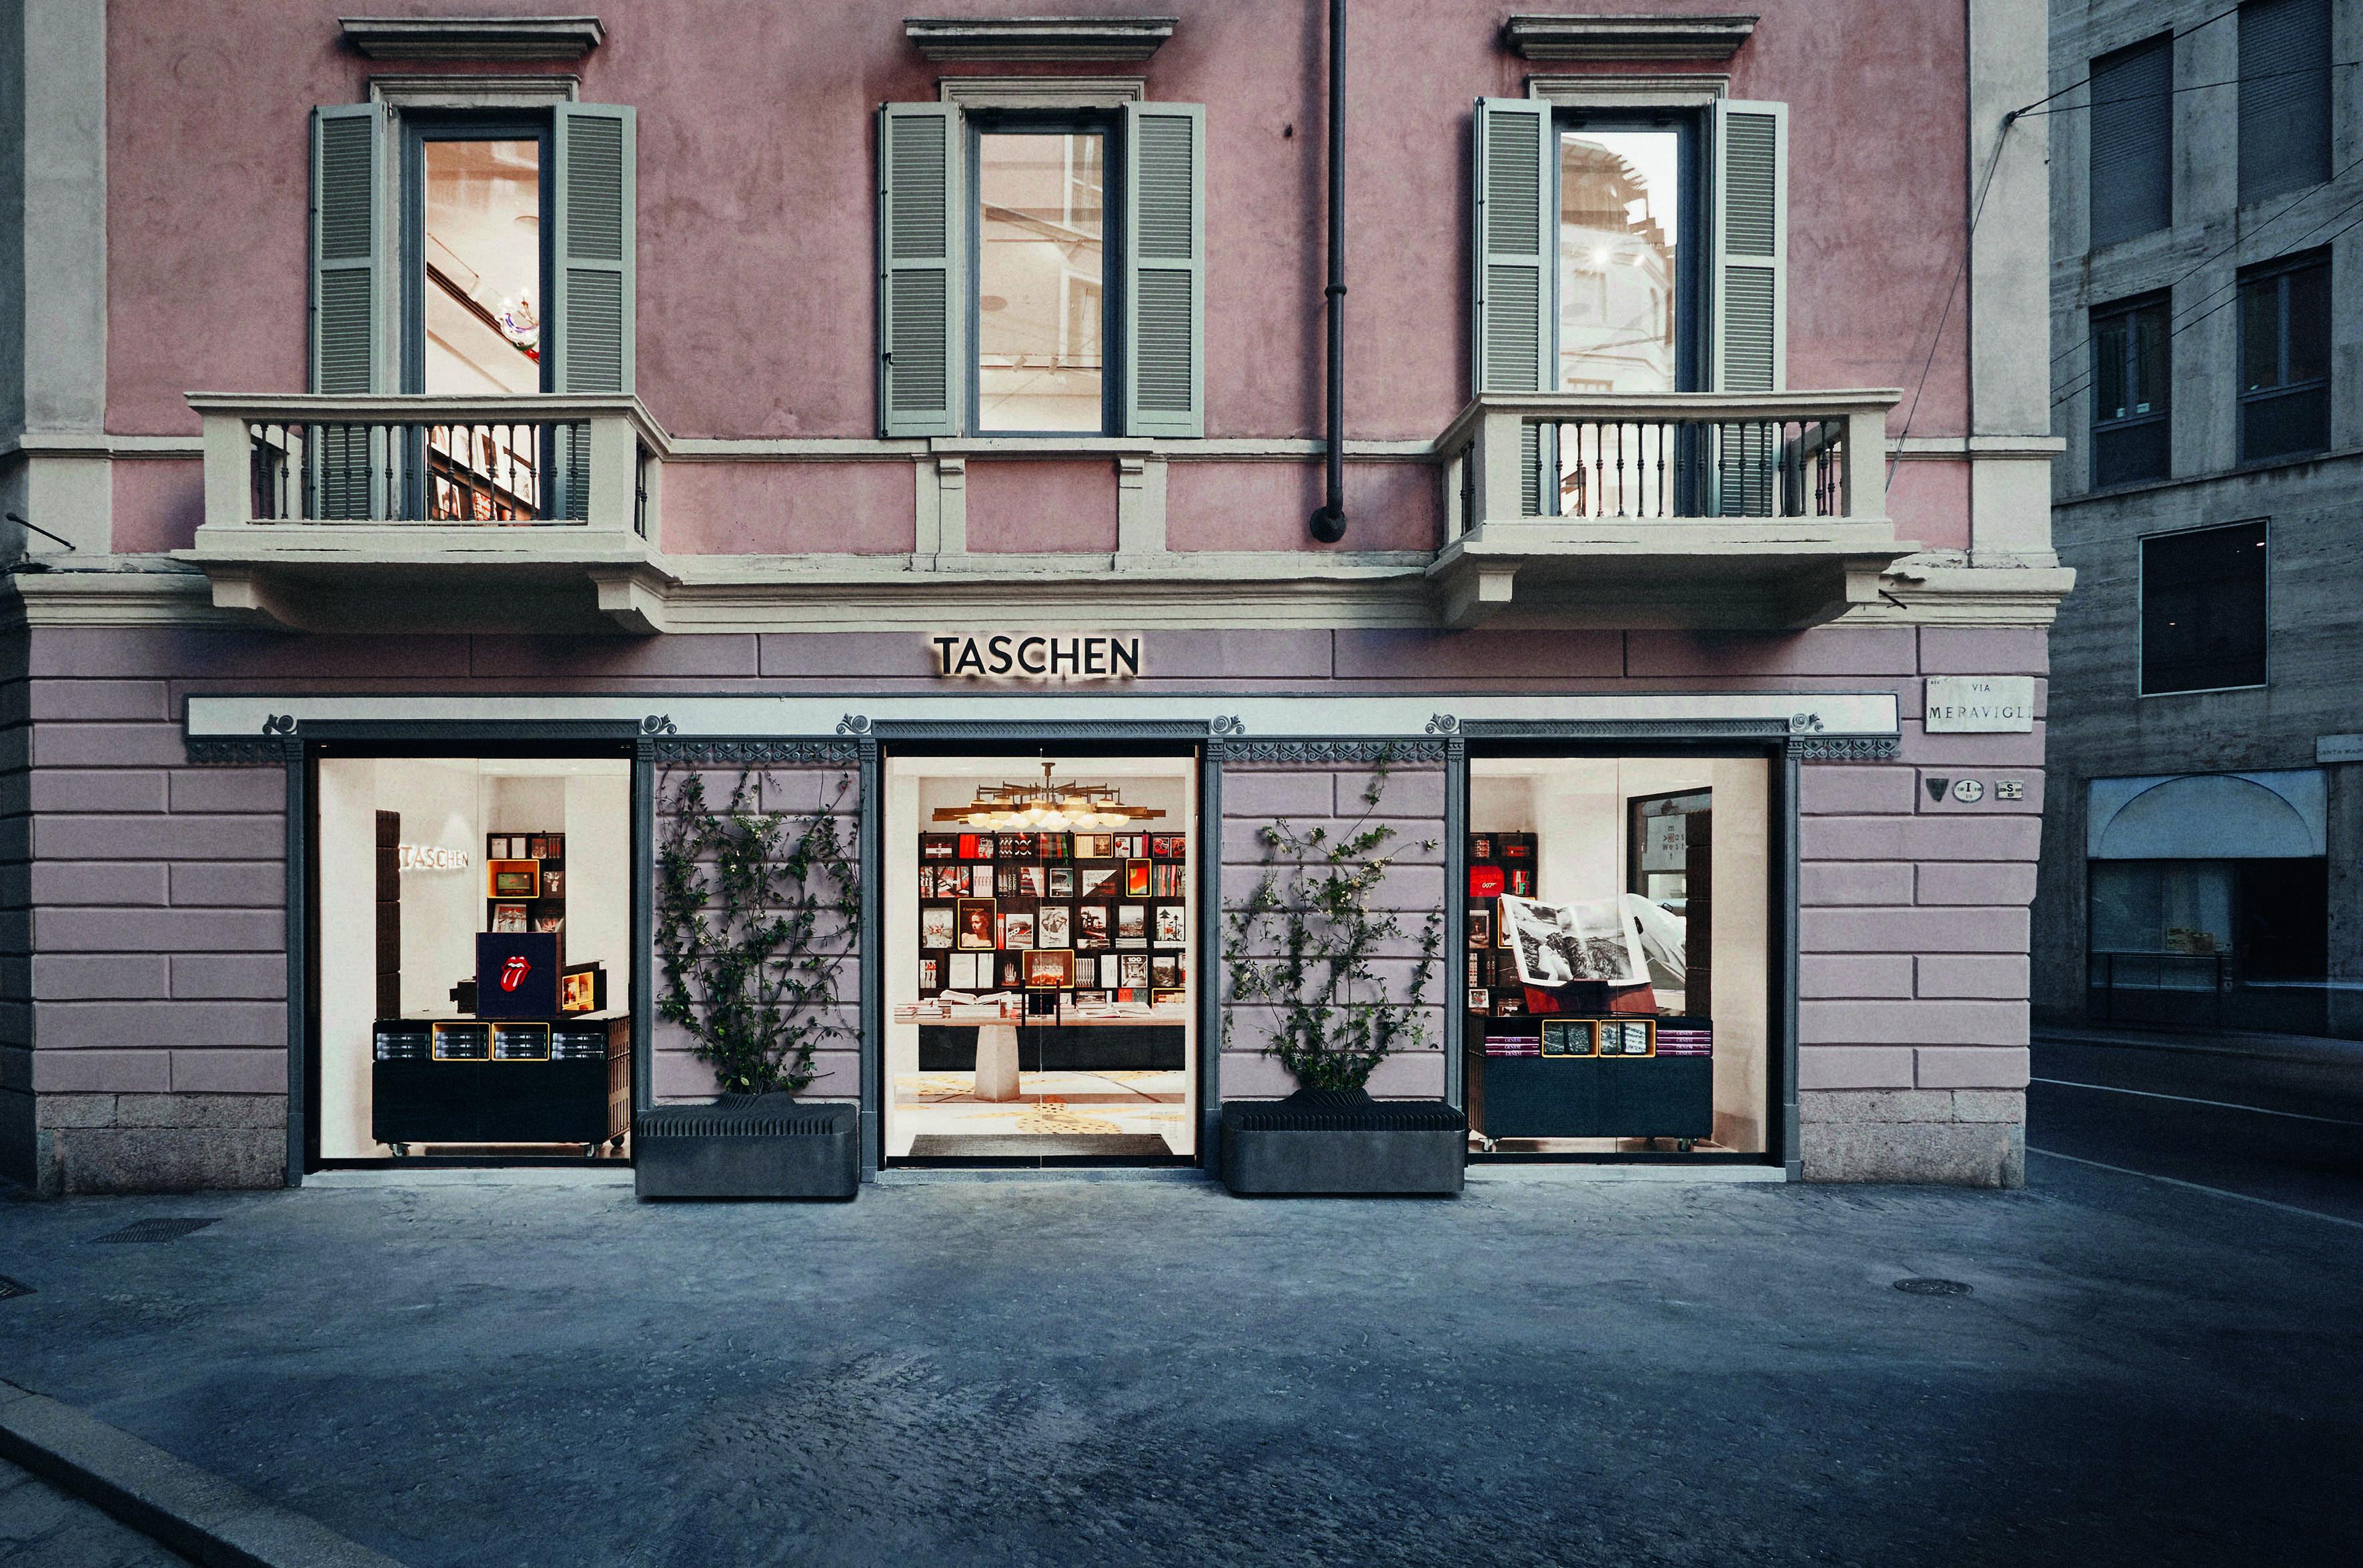 Taschenstore Milano